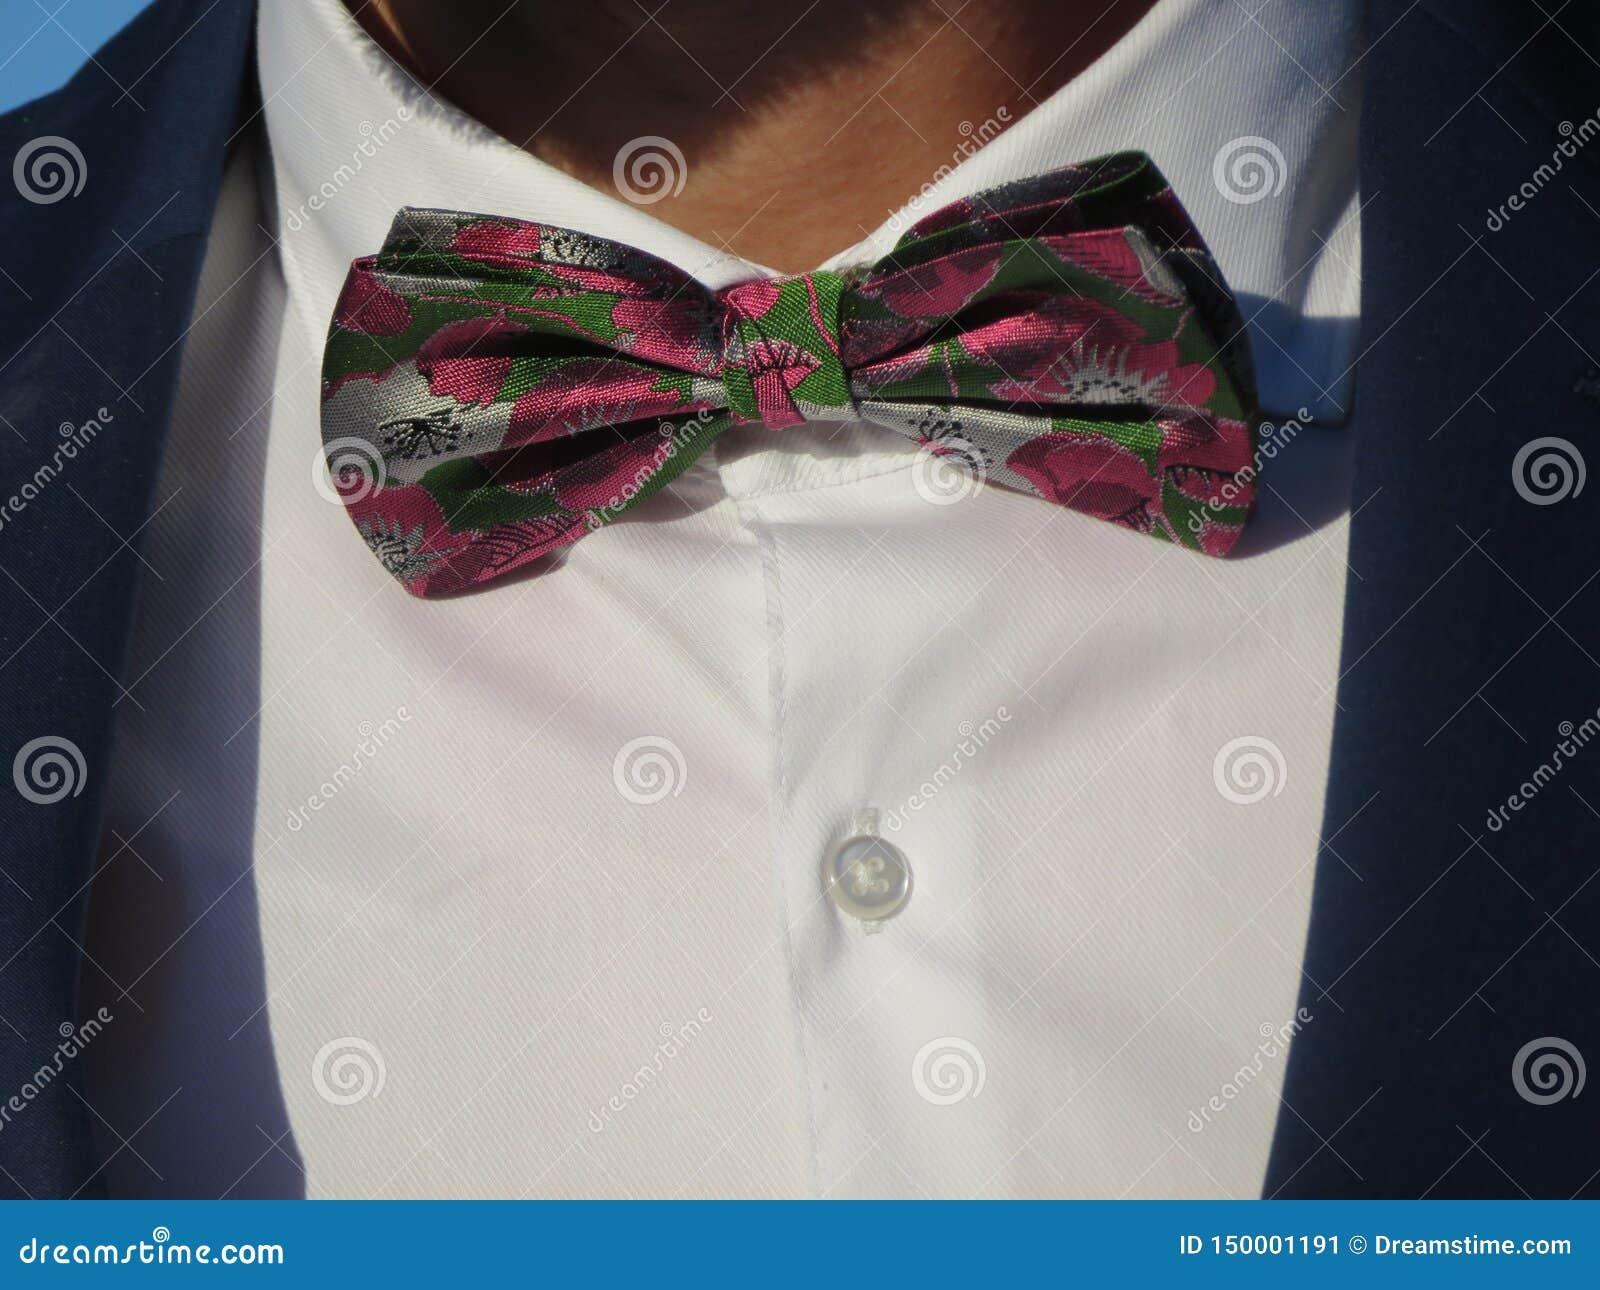 强烈的颜色的骑士的美丽蝶形领结和非常谨慎